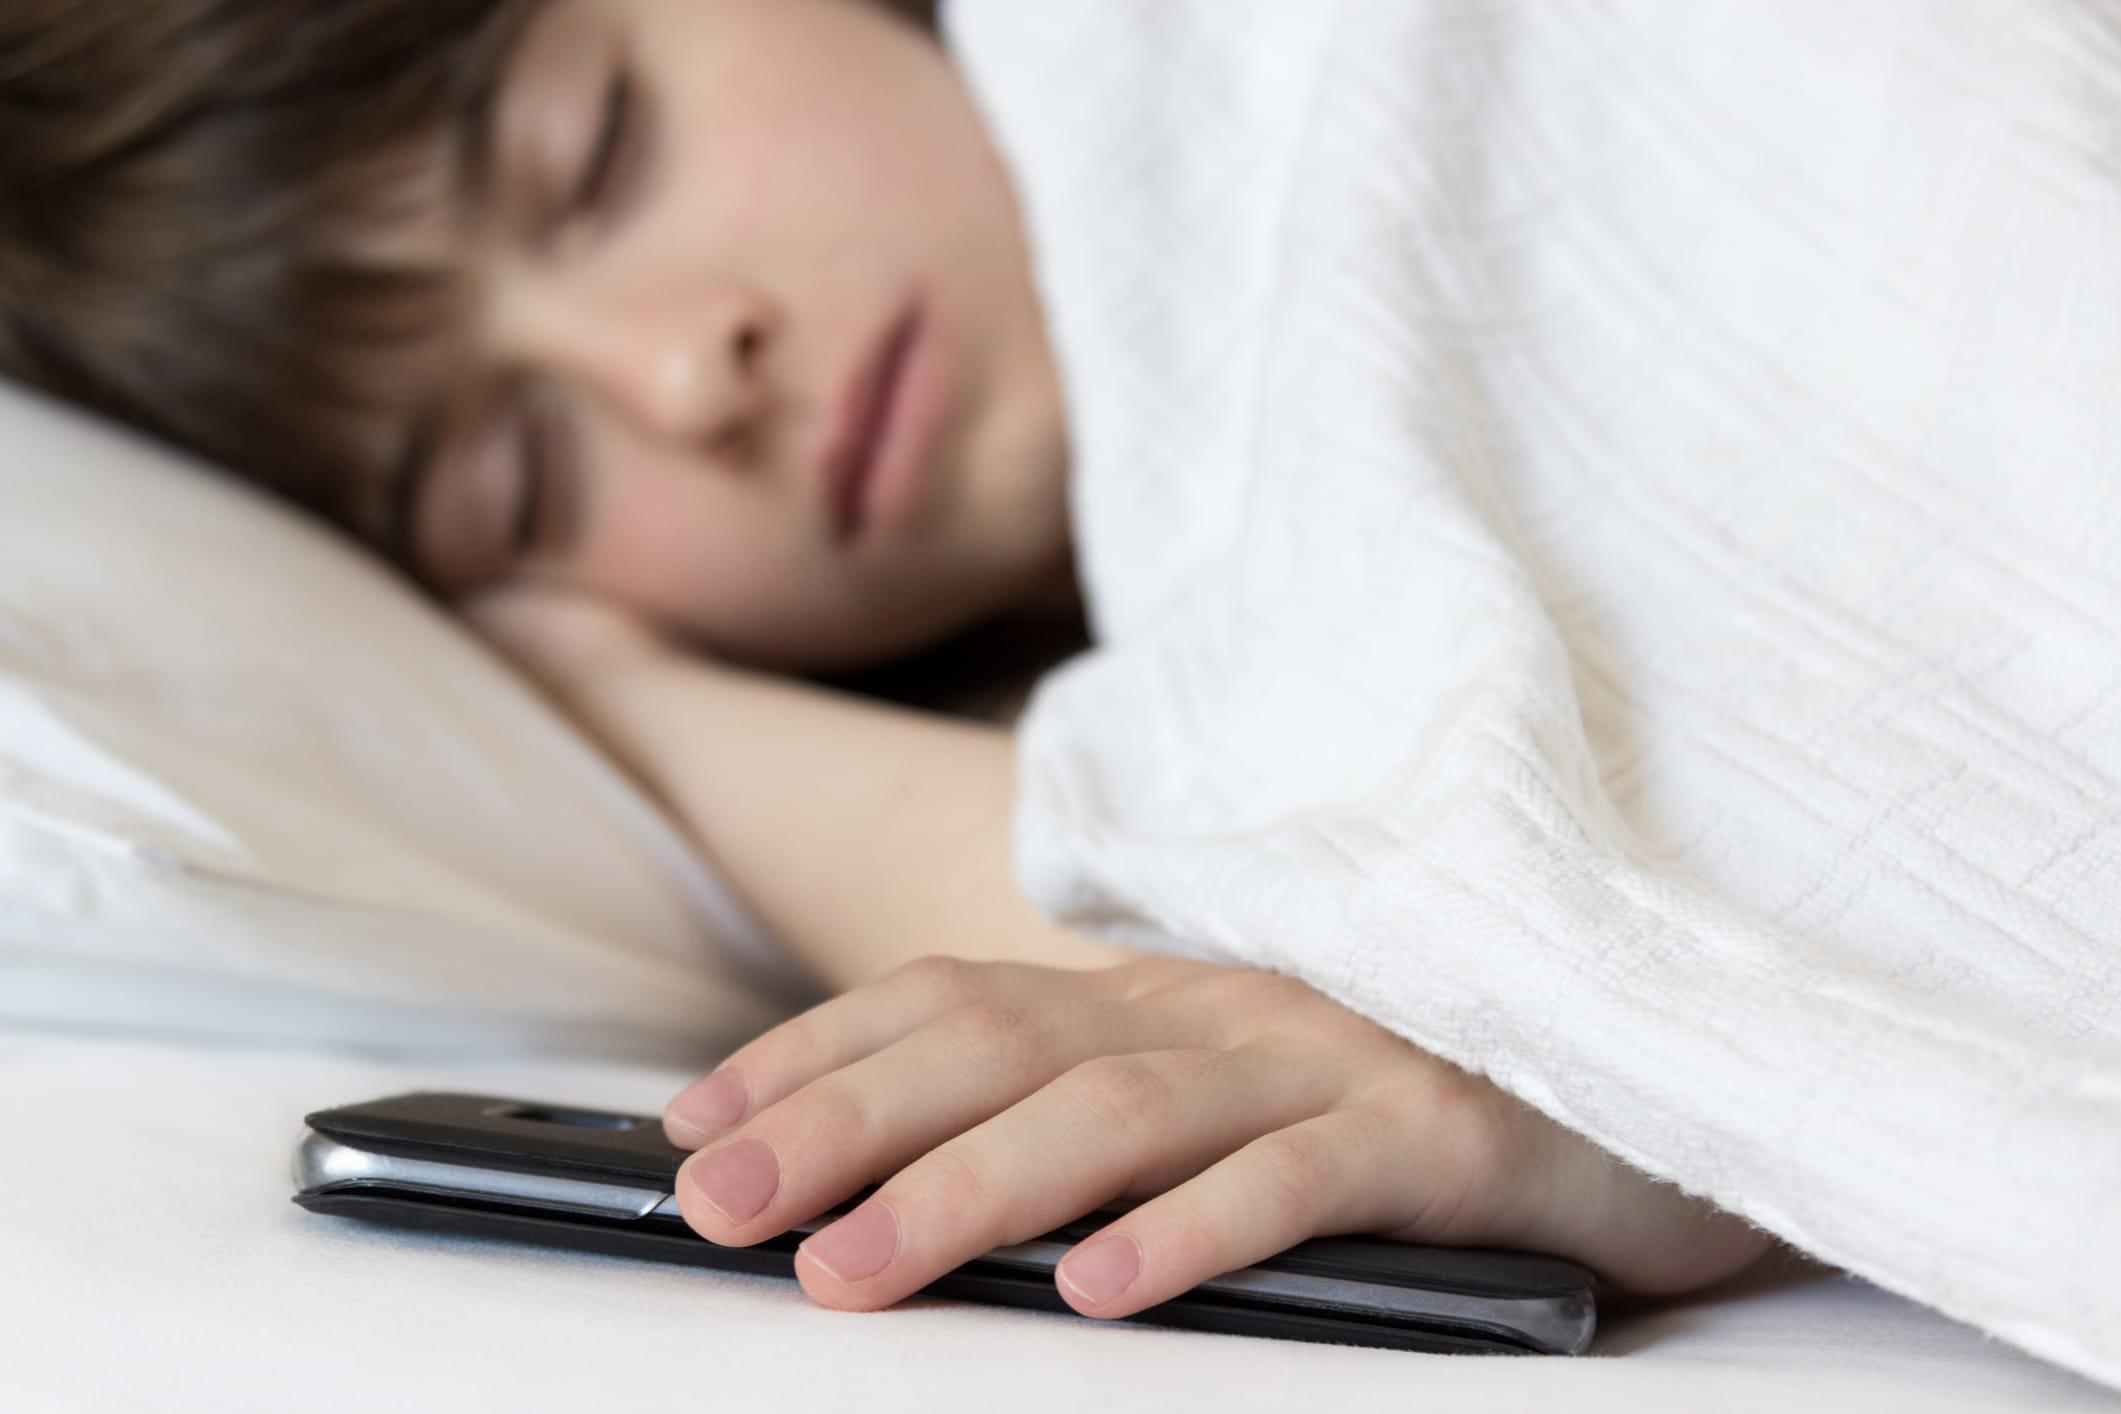 L'Inquinamento elettromagnetico in camera da letto: non basta spegnere il cellulare